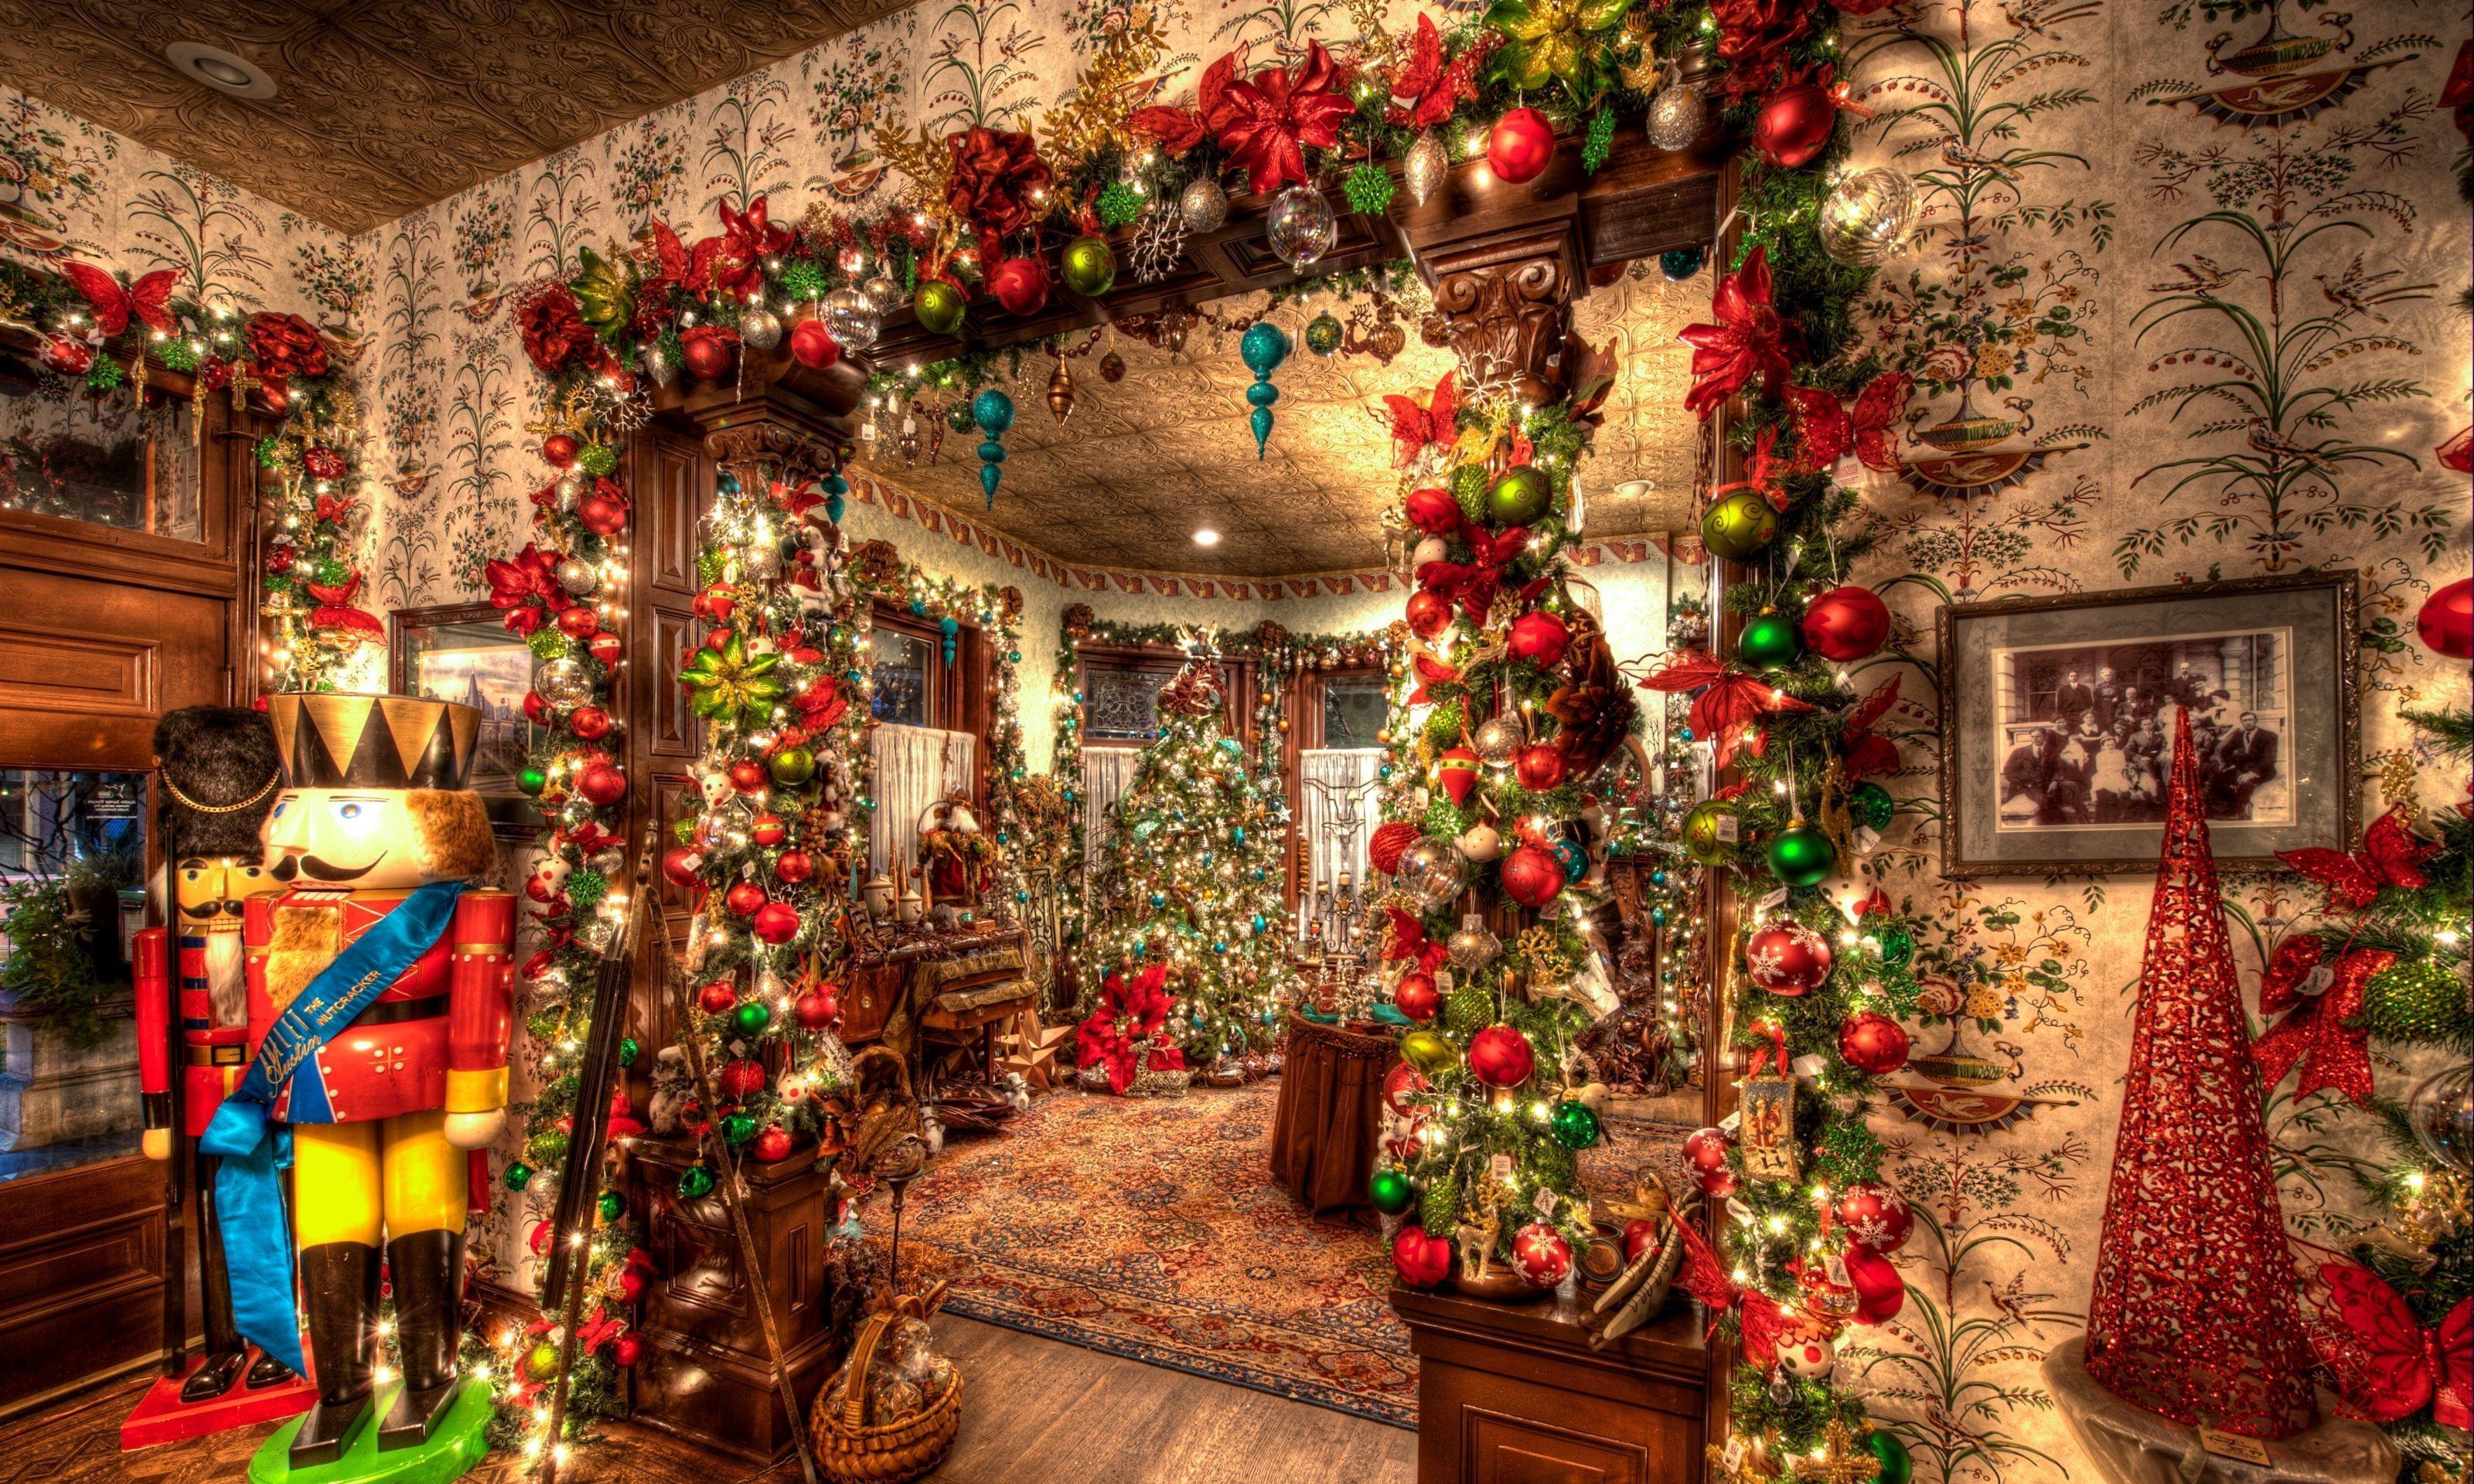 148893 Hintergrundbild herunterladen Feiertage, Dekoration, Spielzeug, Weihnachten, Urlaub, Weihnachtsbaum - Bildschirmschoner und Bilder kostenlos